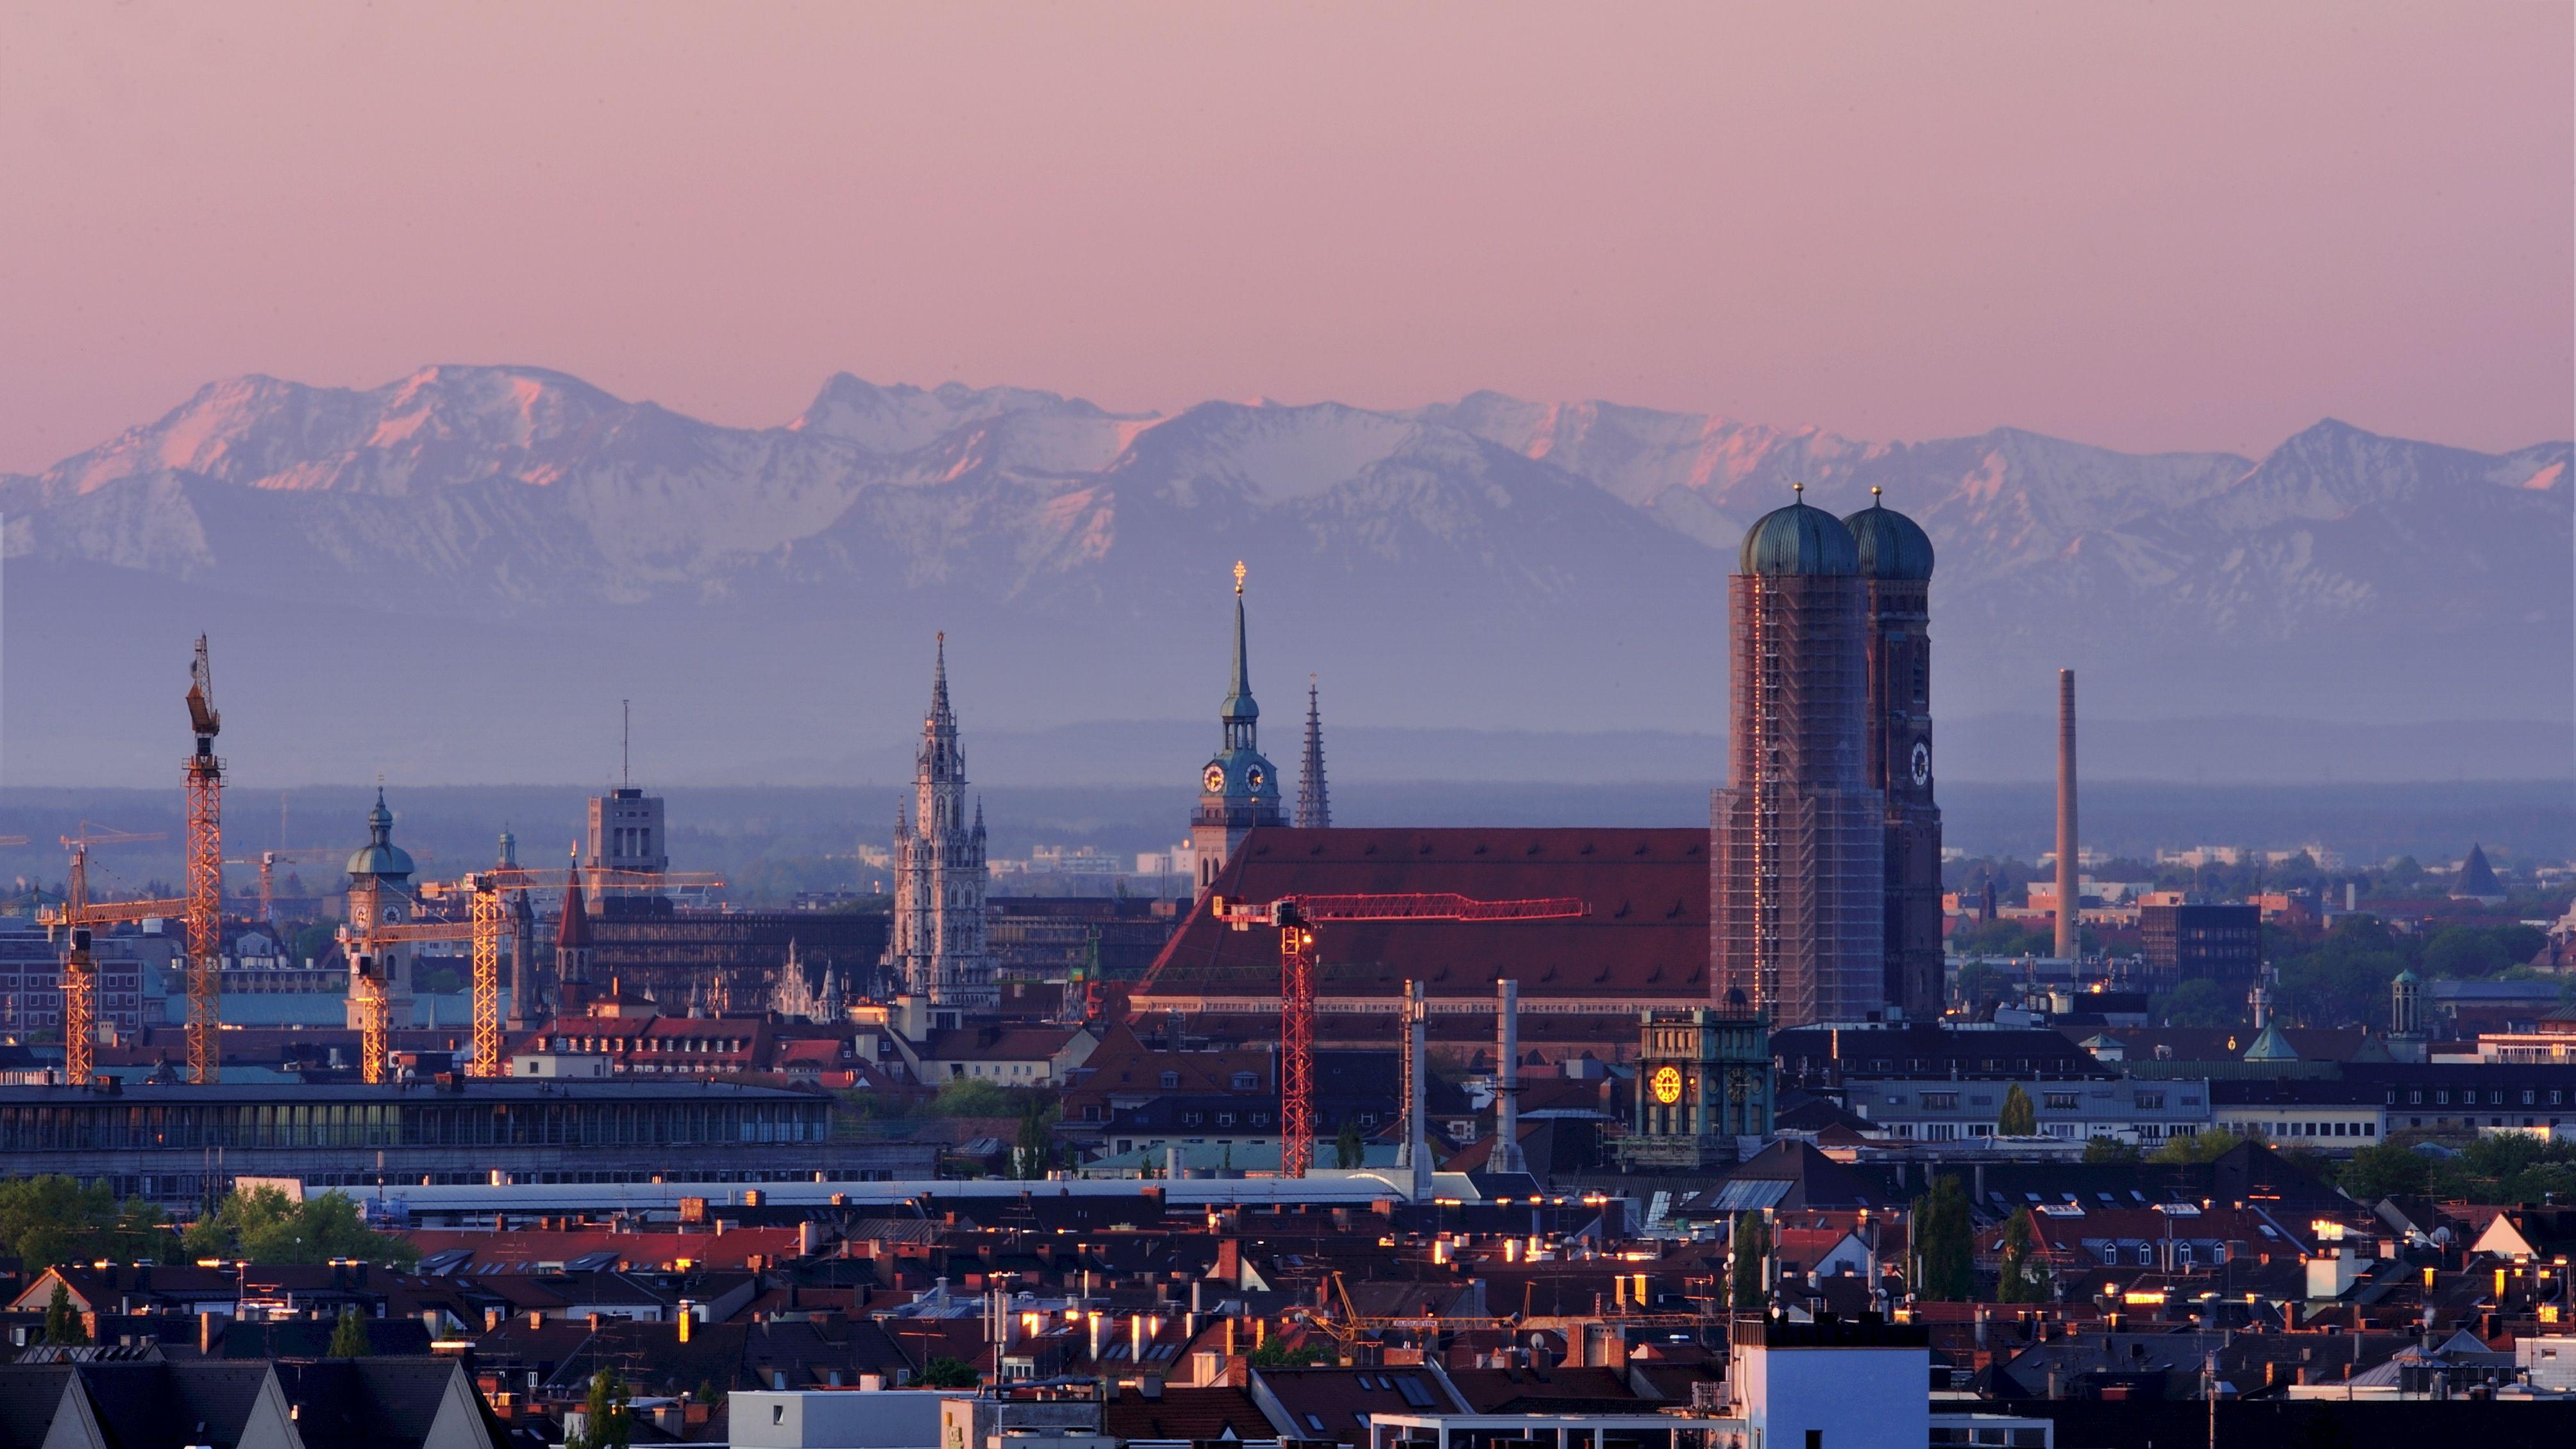 München und der Föhn. Die Berge scheinen zum Greifen nah.